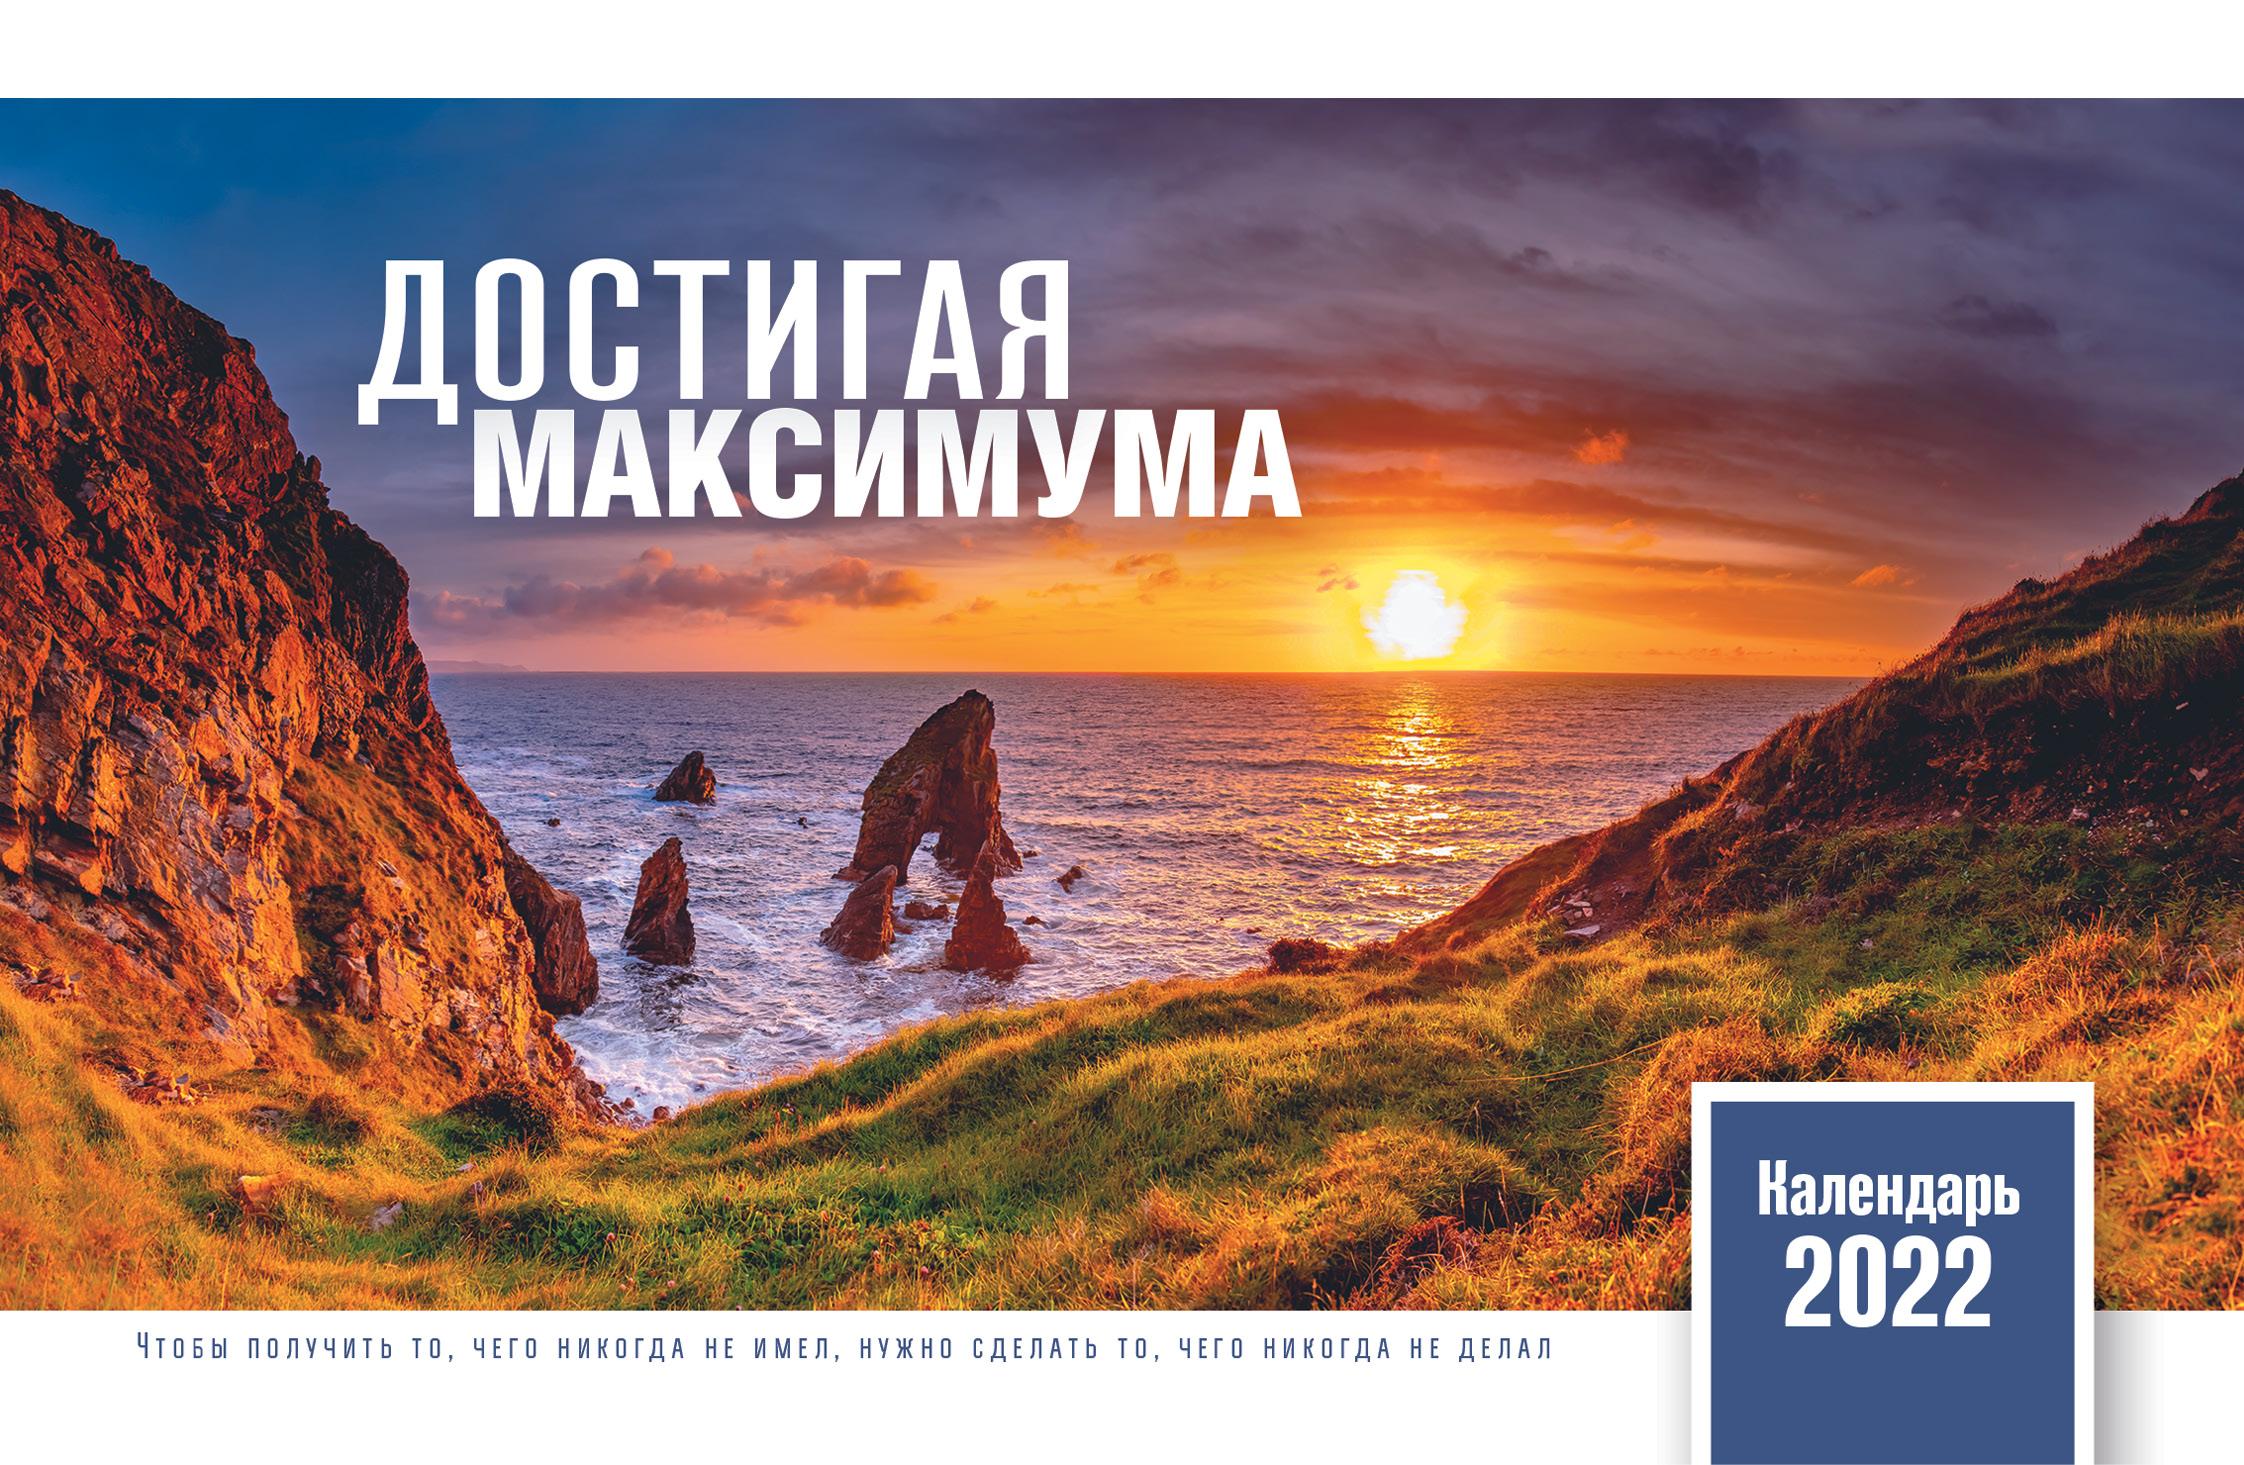 Настольные календари 2022